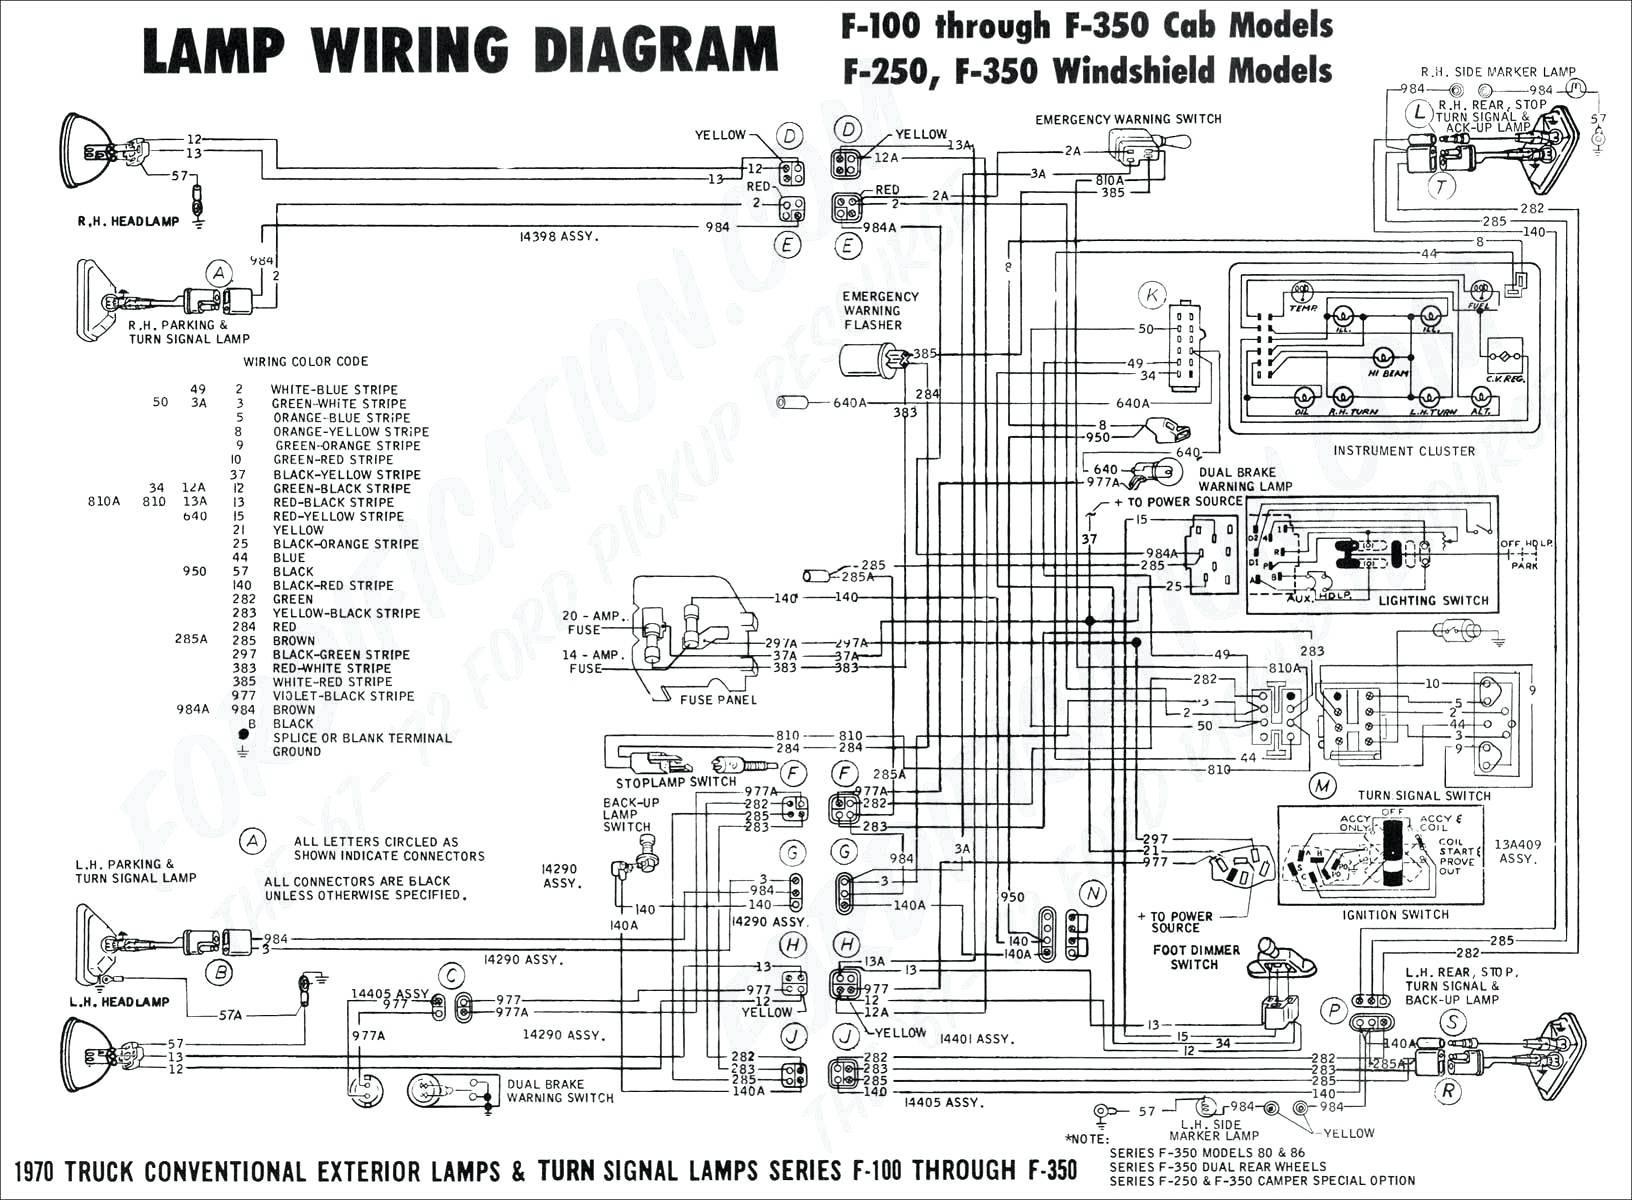 2007 pontiac g5 wiring schematic